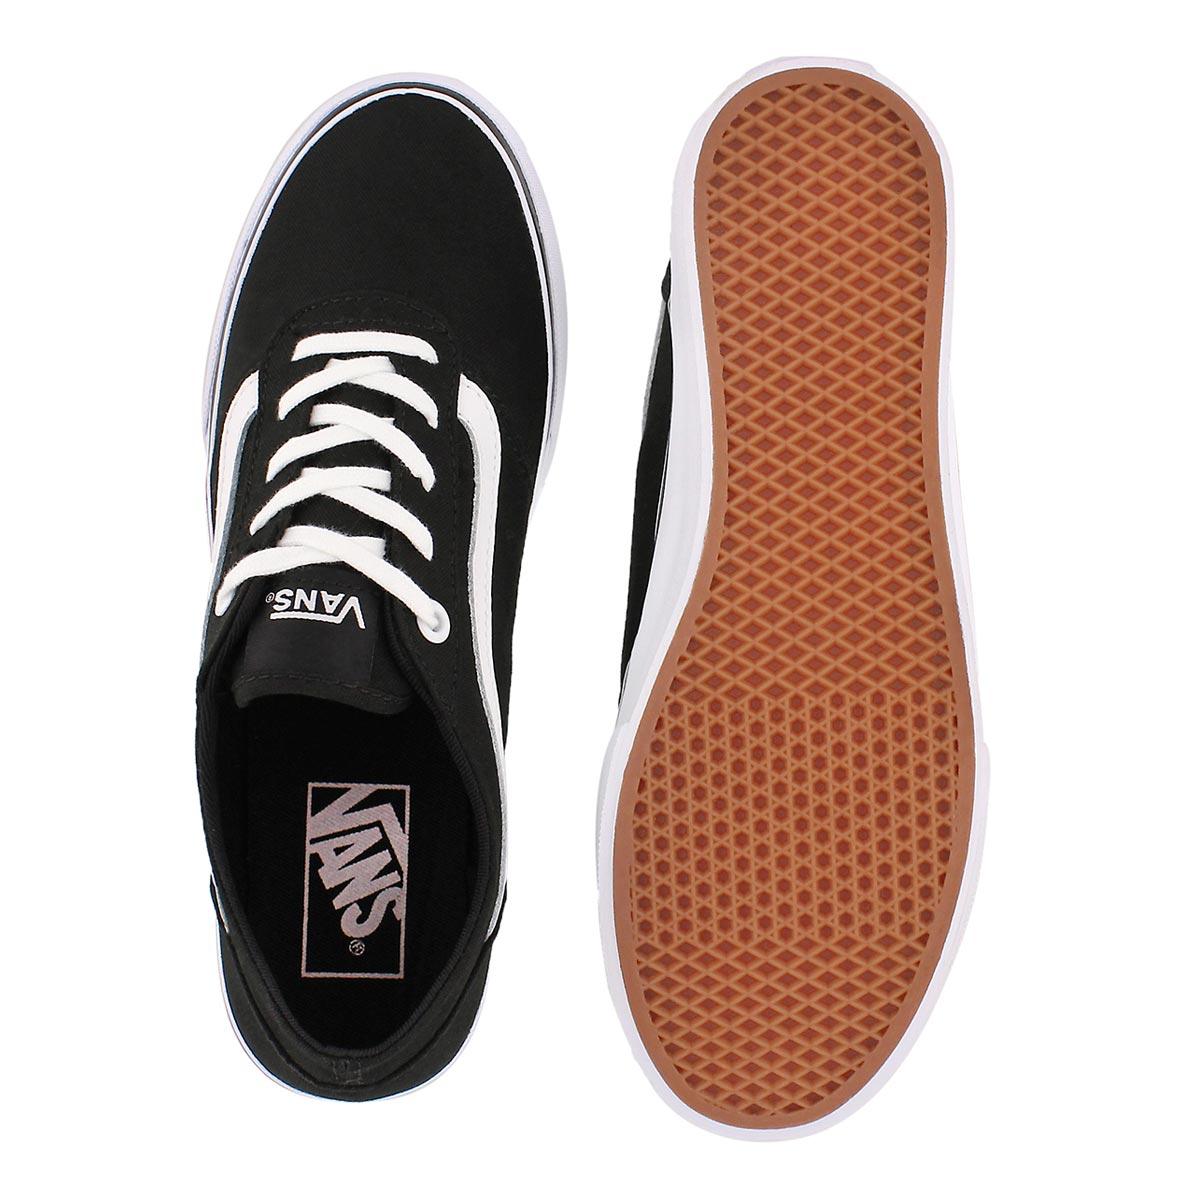 Lds Milton blk/wht lace up sneaker